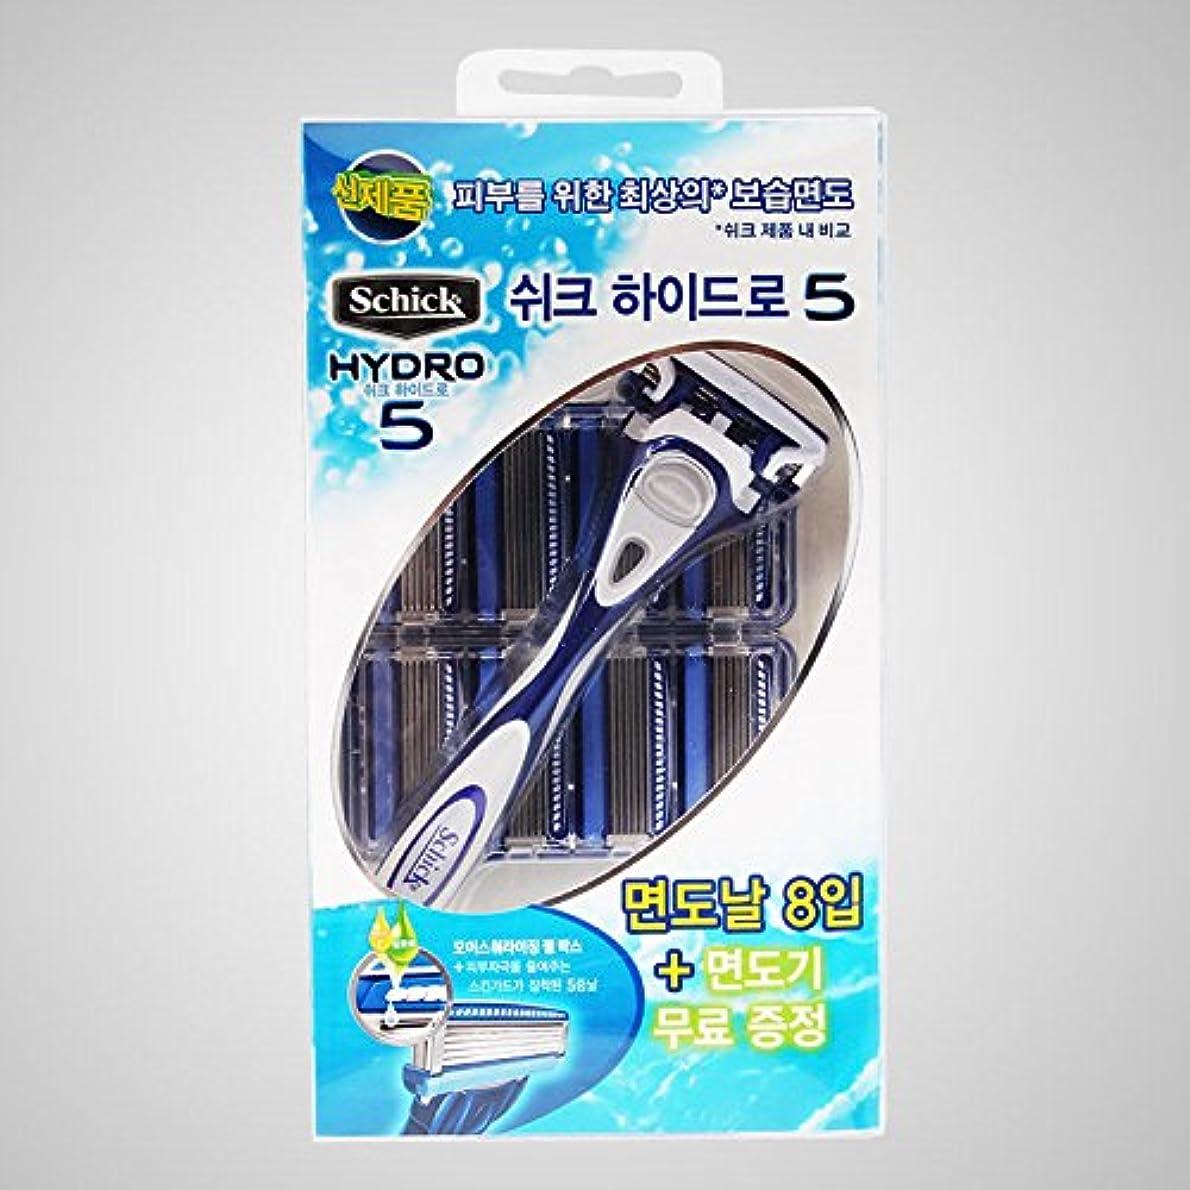 化学者しかしながら墓Schick Hydro 5 Shaving 1 Razor with 9 カートリッジ [並行輸入品]